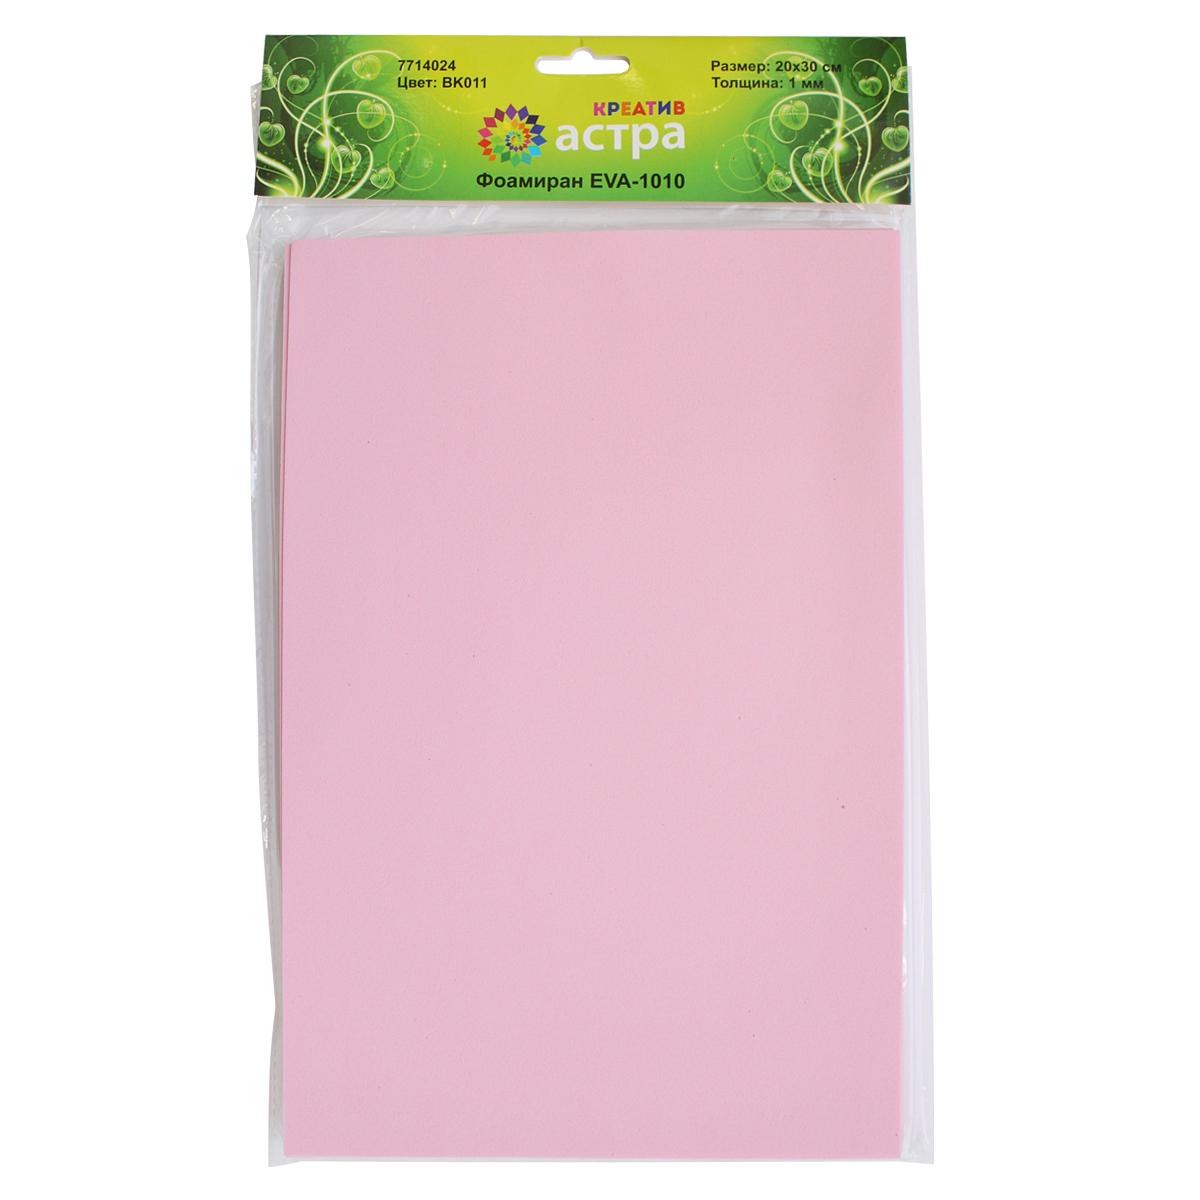 Фоамиран Астра, цвет: розовый, 20 х 30 см, 10 шт7714024_BK011 розовыйФоамиран Астра - это пластичная замша, ее можно применить для создания разнообразного вида декора: открытки, магнитики, цветы, забавные игрушки и т.д.Главная особенность материала фоамиран заключается в его способности к незначительному растяжению, которого вполне достаточно для «запоминания» изделием своей формы. На ощупь мягкая синтетическая замша очень приятна и податлива, поэтому работать с ней не составит труда даже начинающему. Размер ткани: 200 x 300 мм.В упаковке 10 штук.